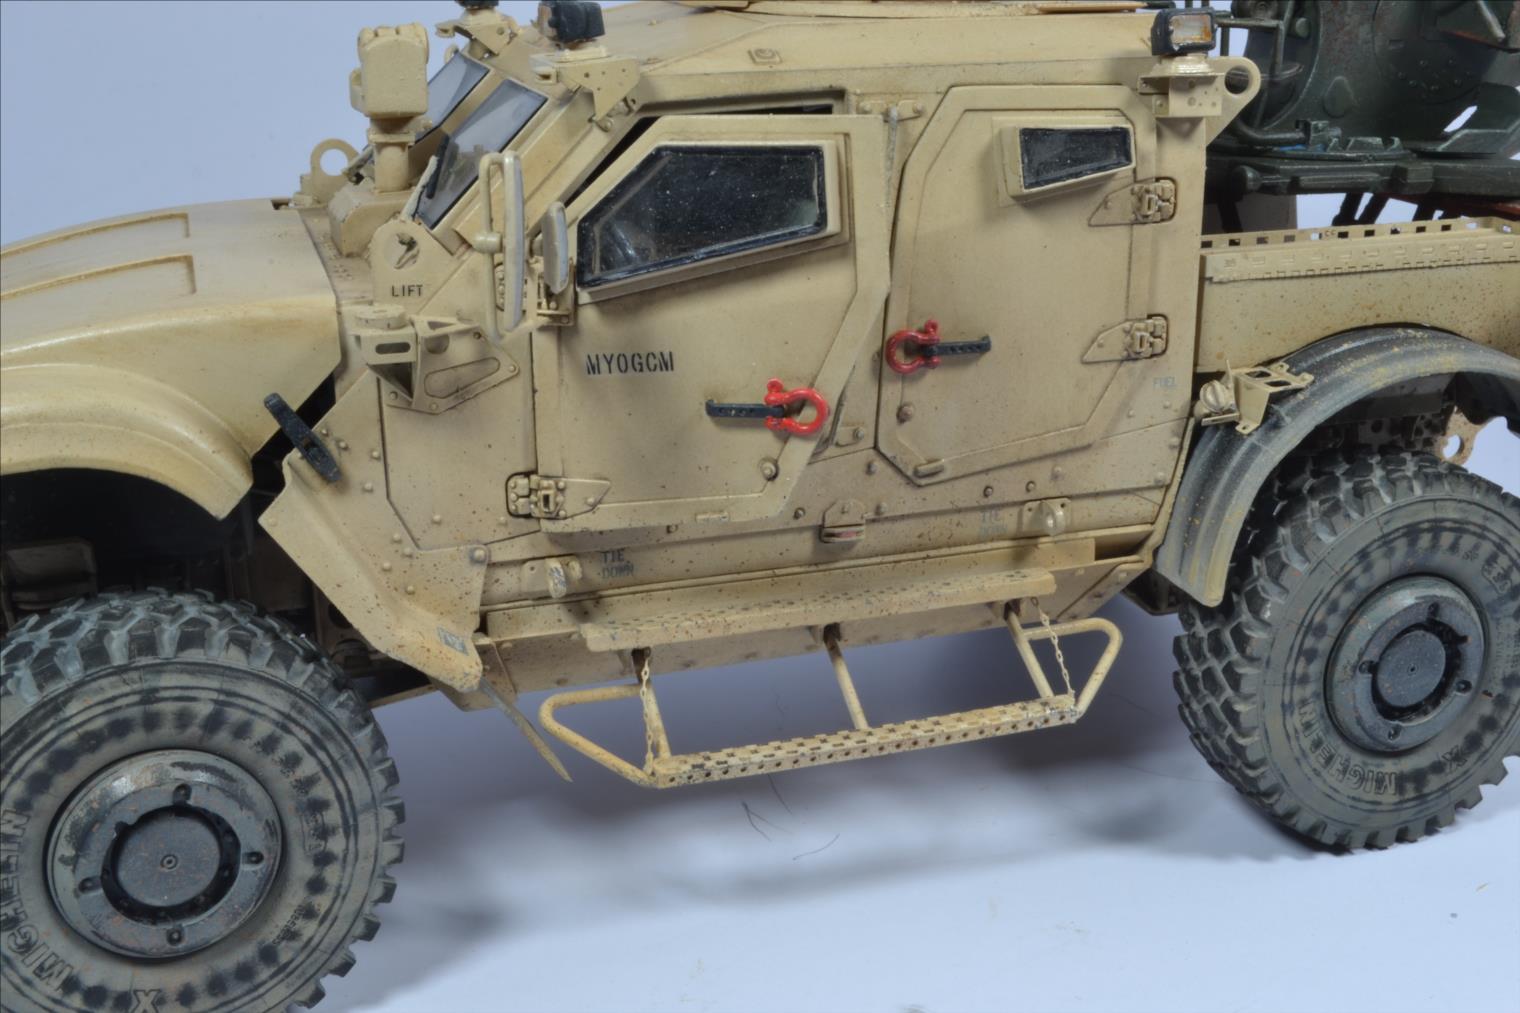 M 1240 A1 M-ATV 1/35 (RFM) - Page 3 20122208503622494217183714